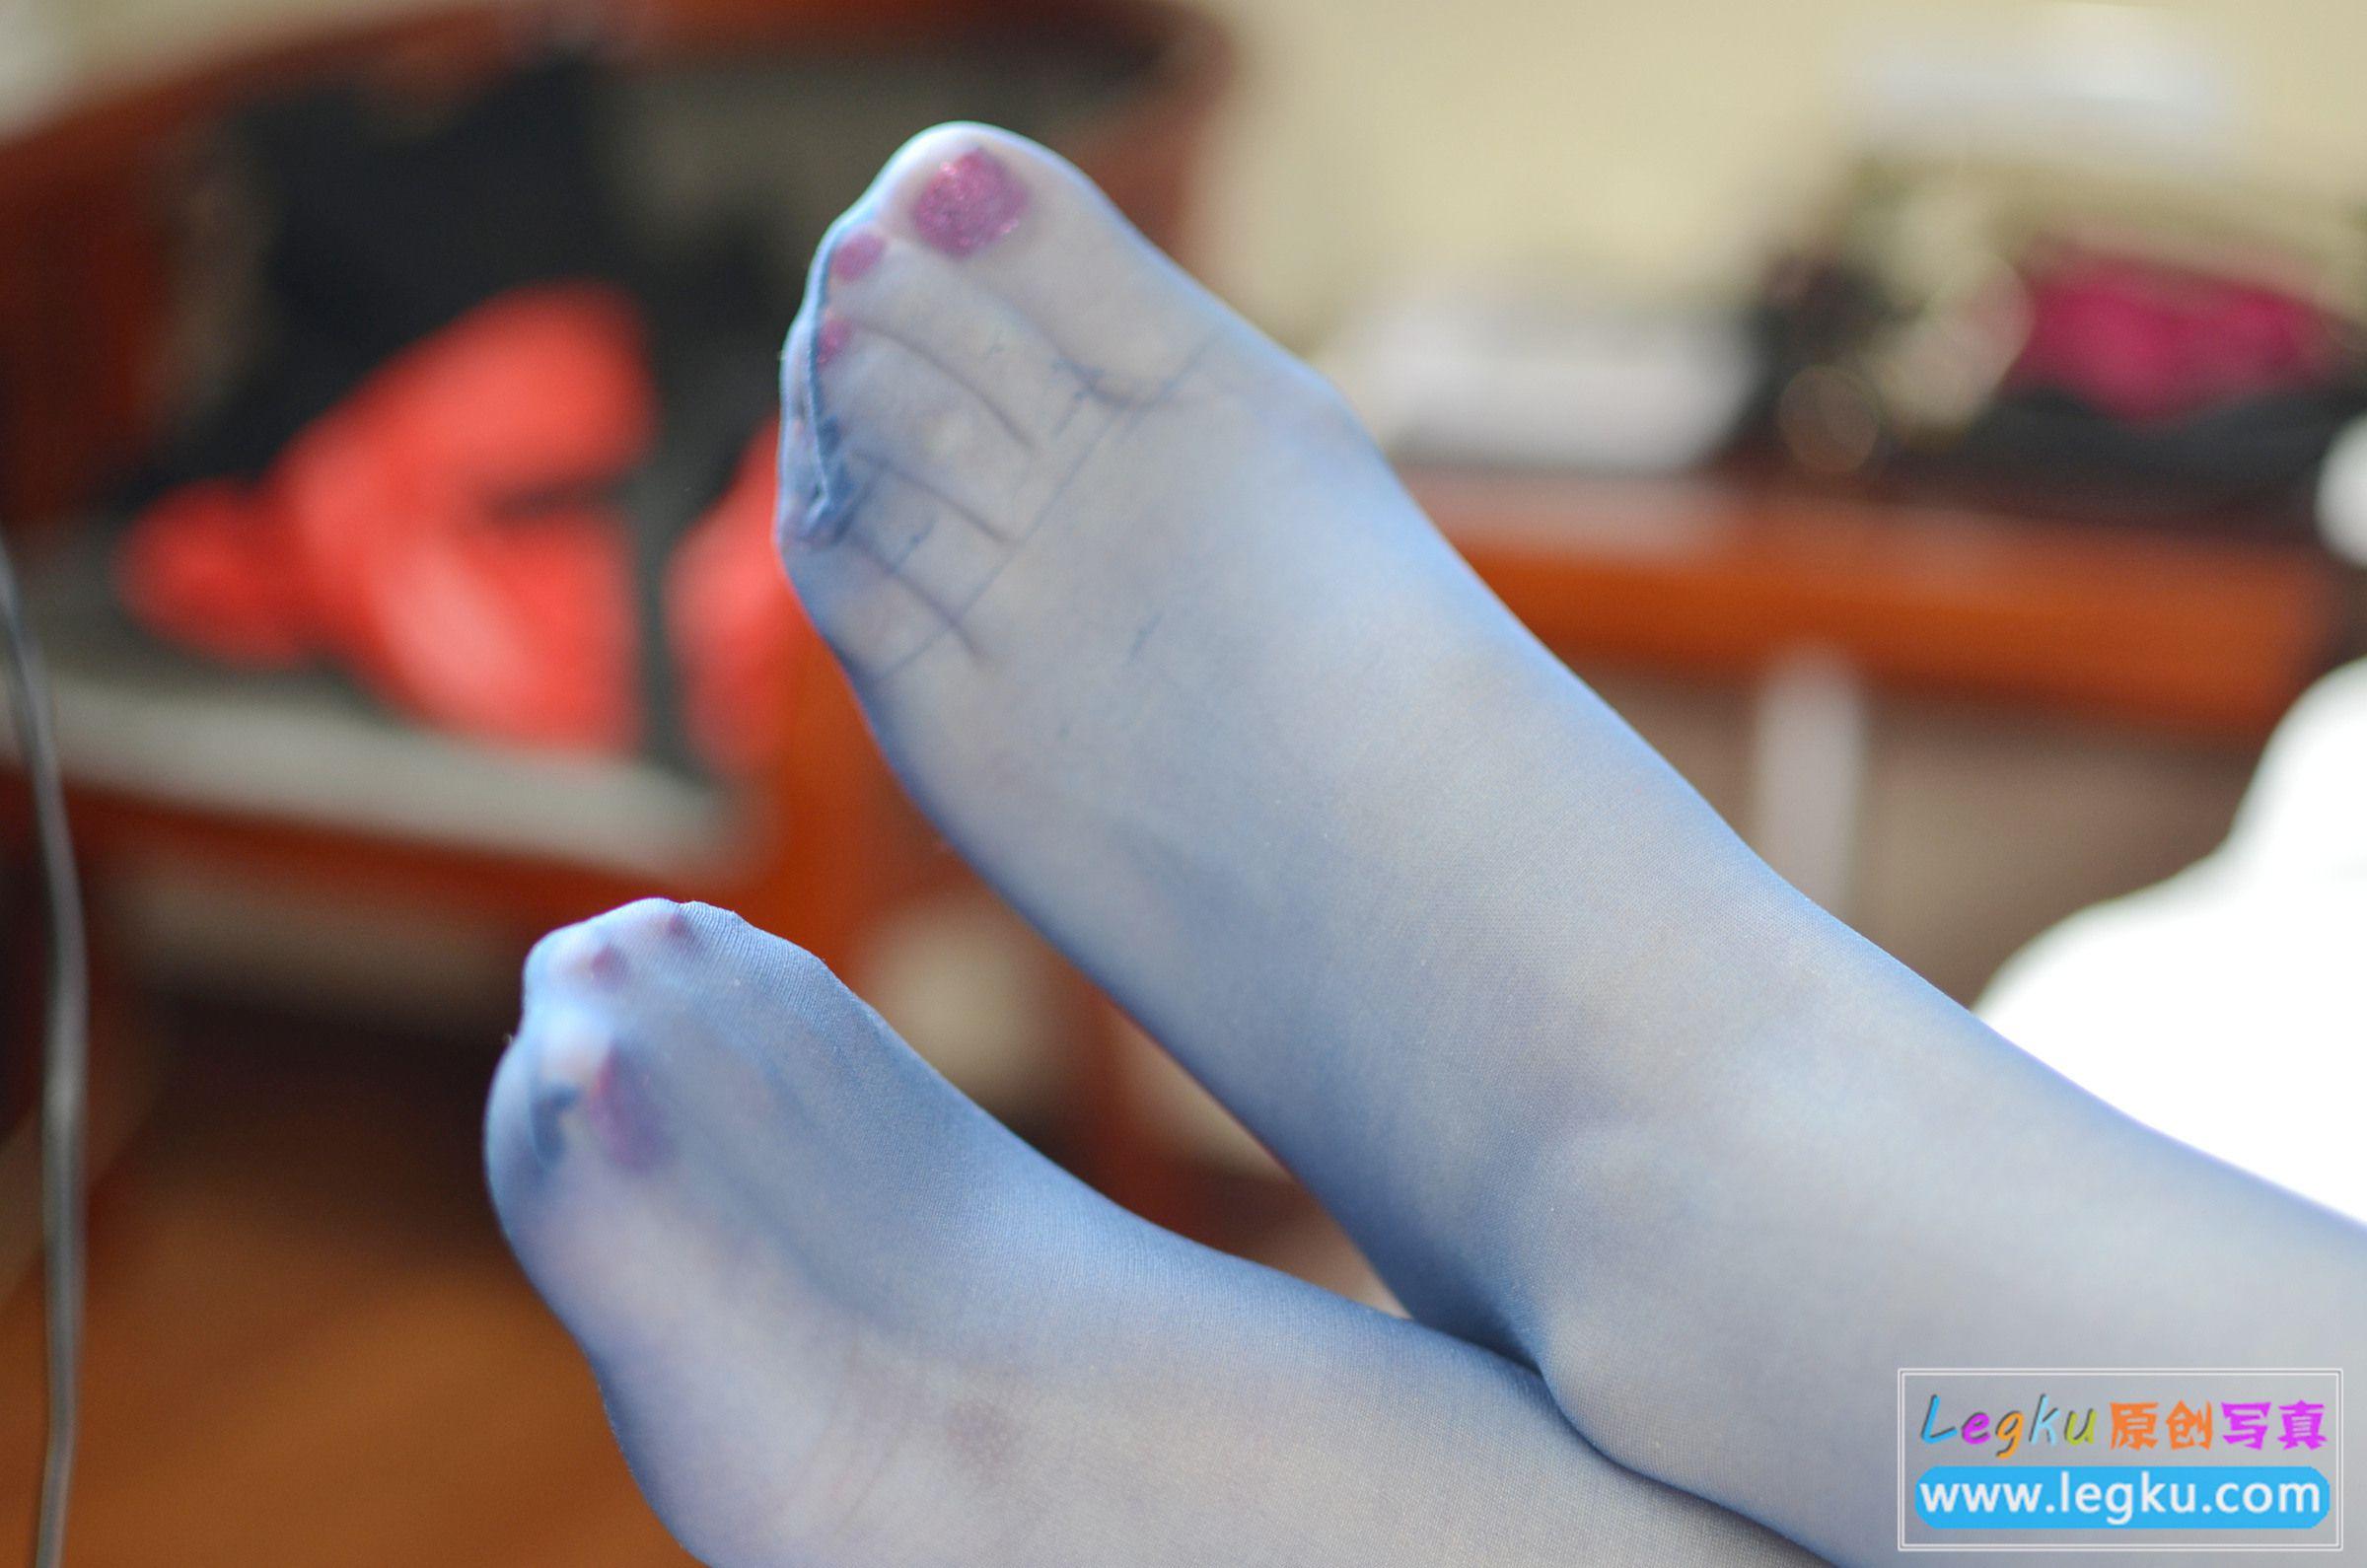 蓝色丝袜+黑色蕾丝 写真套图